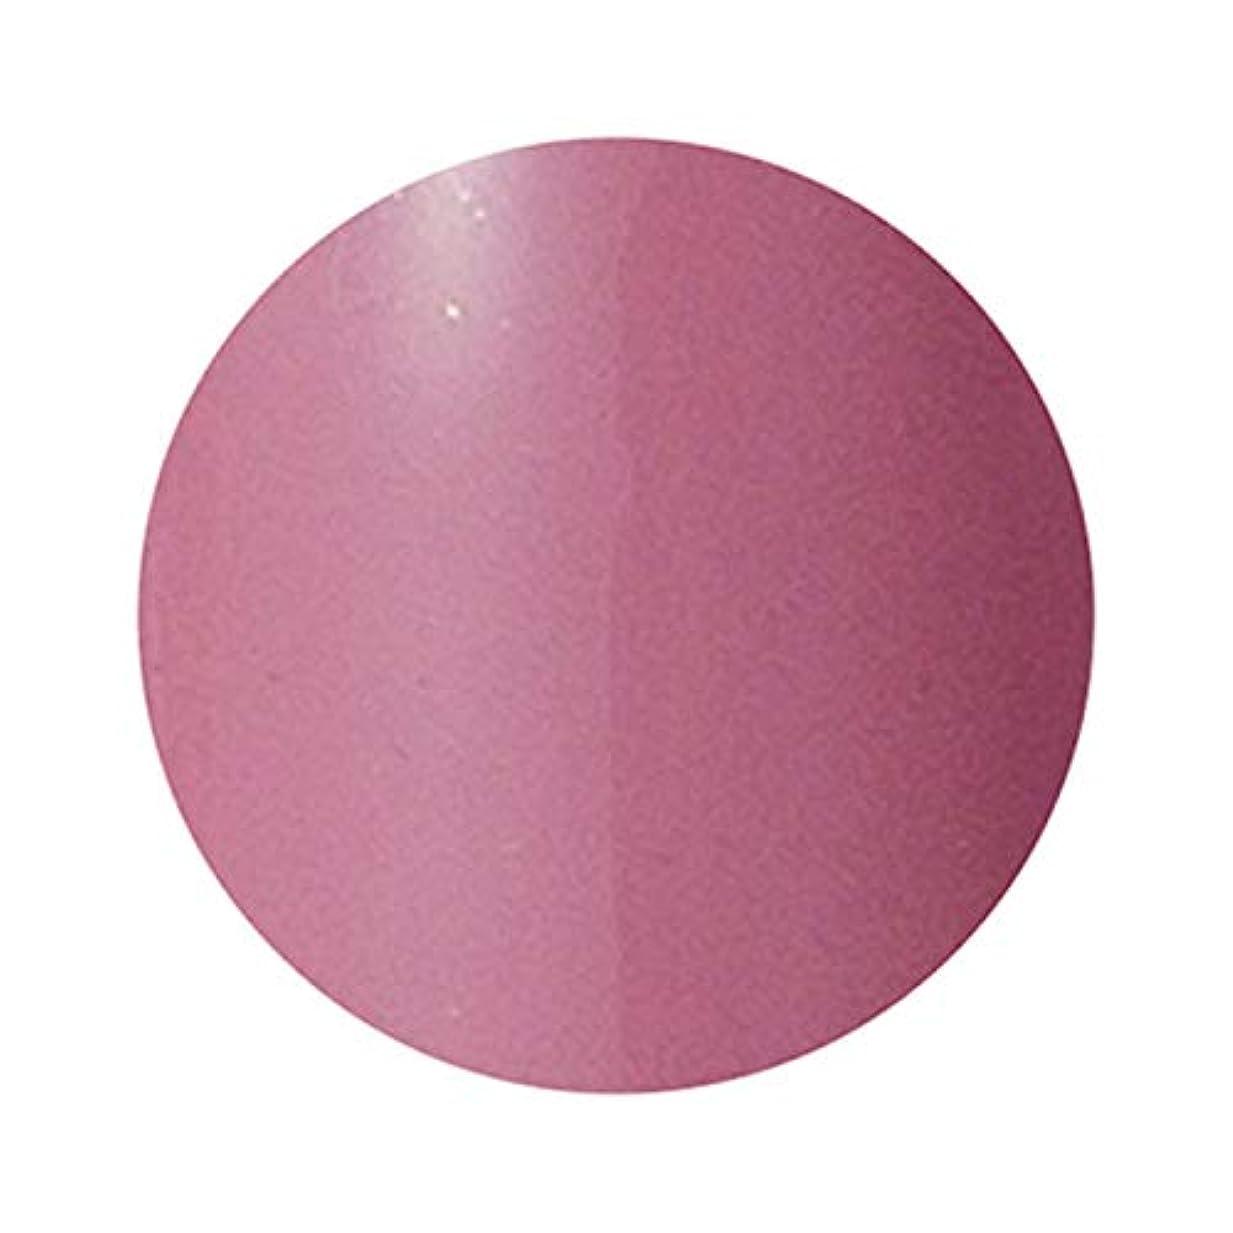 どんよりしたプットアレルギーPREGEL プリジェル ミューズ ヴェールピンクPGU-S283